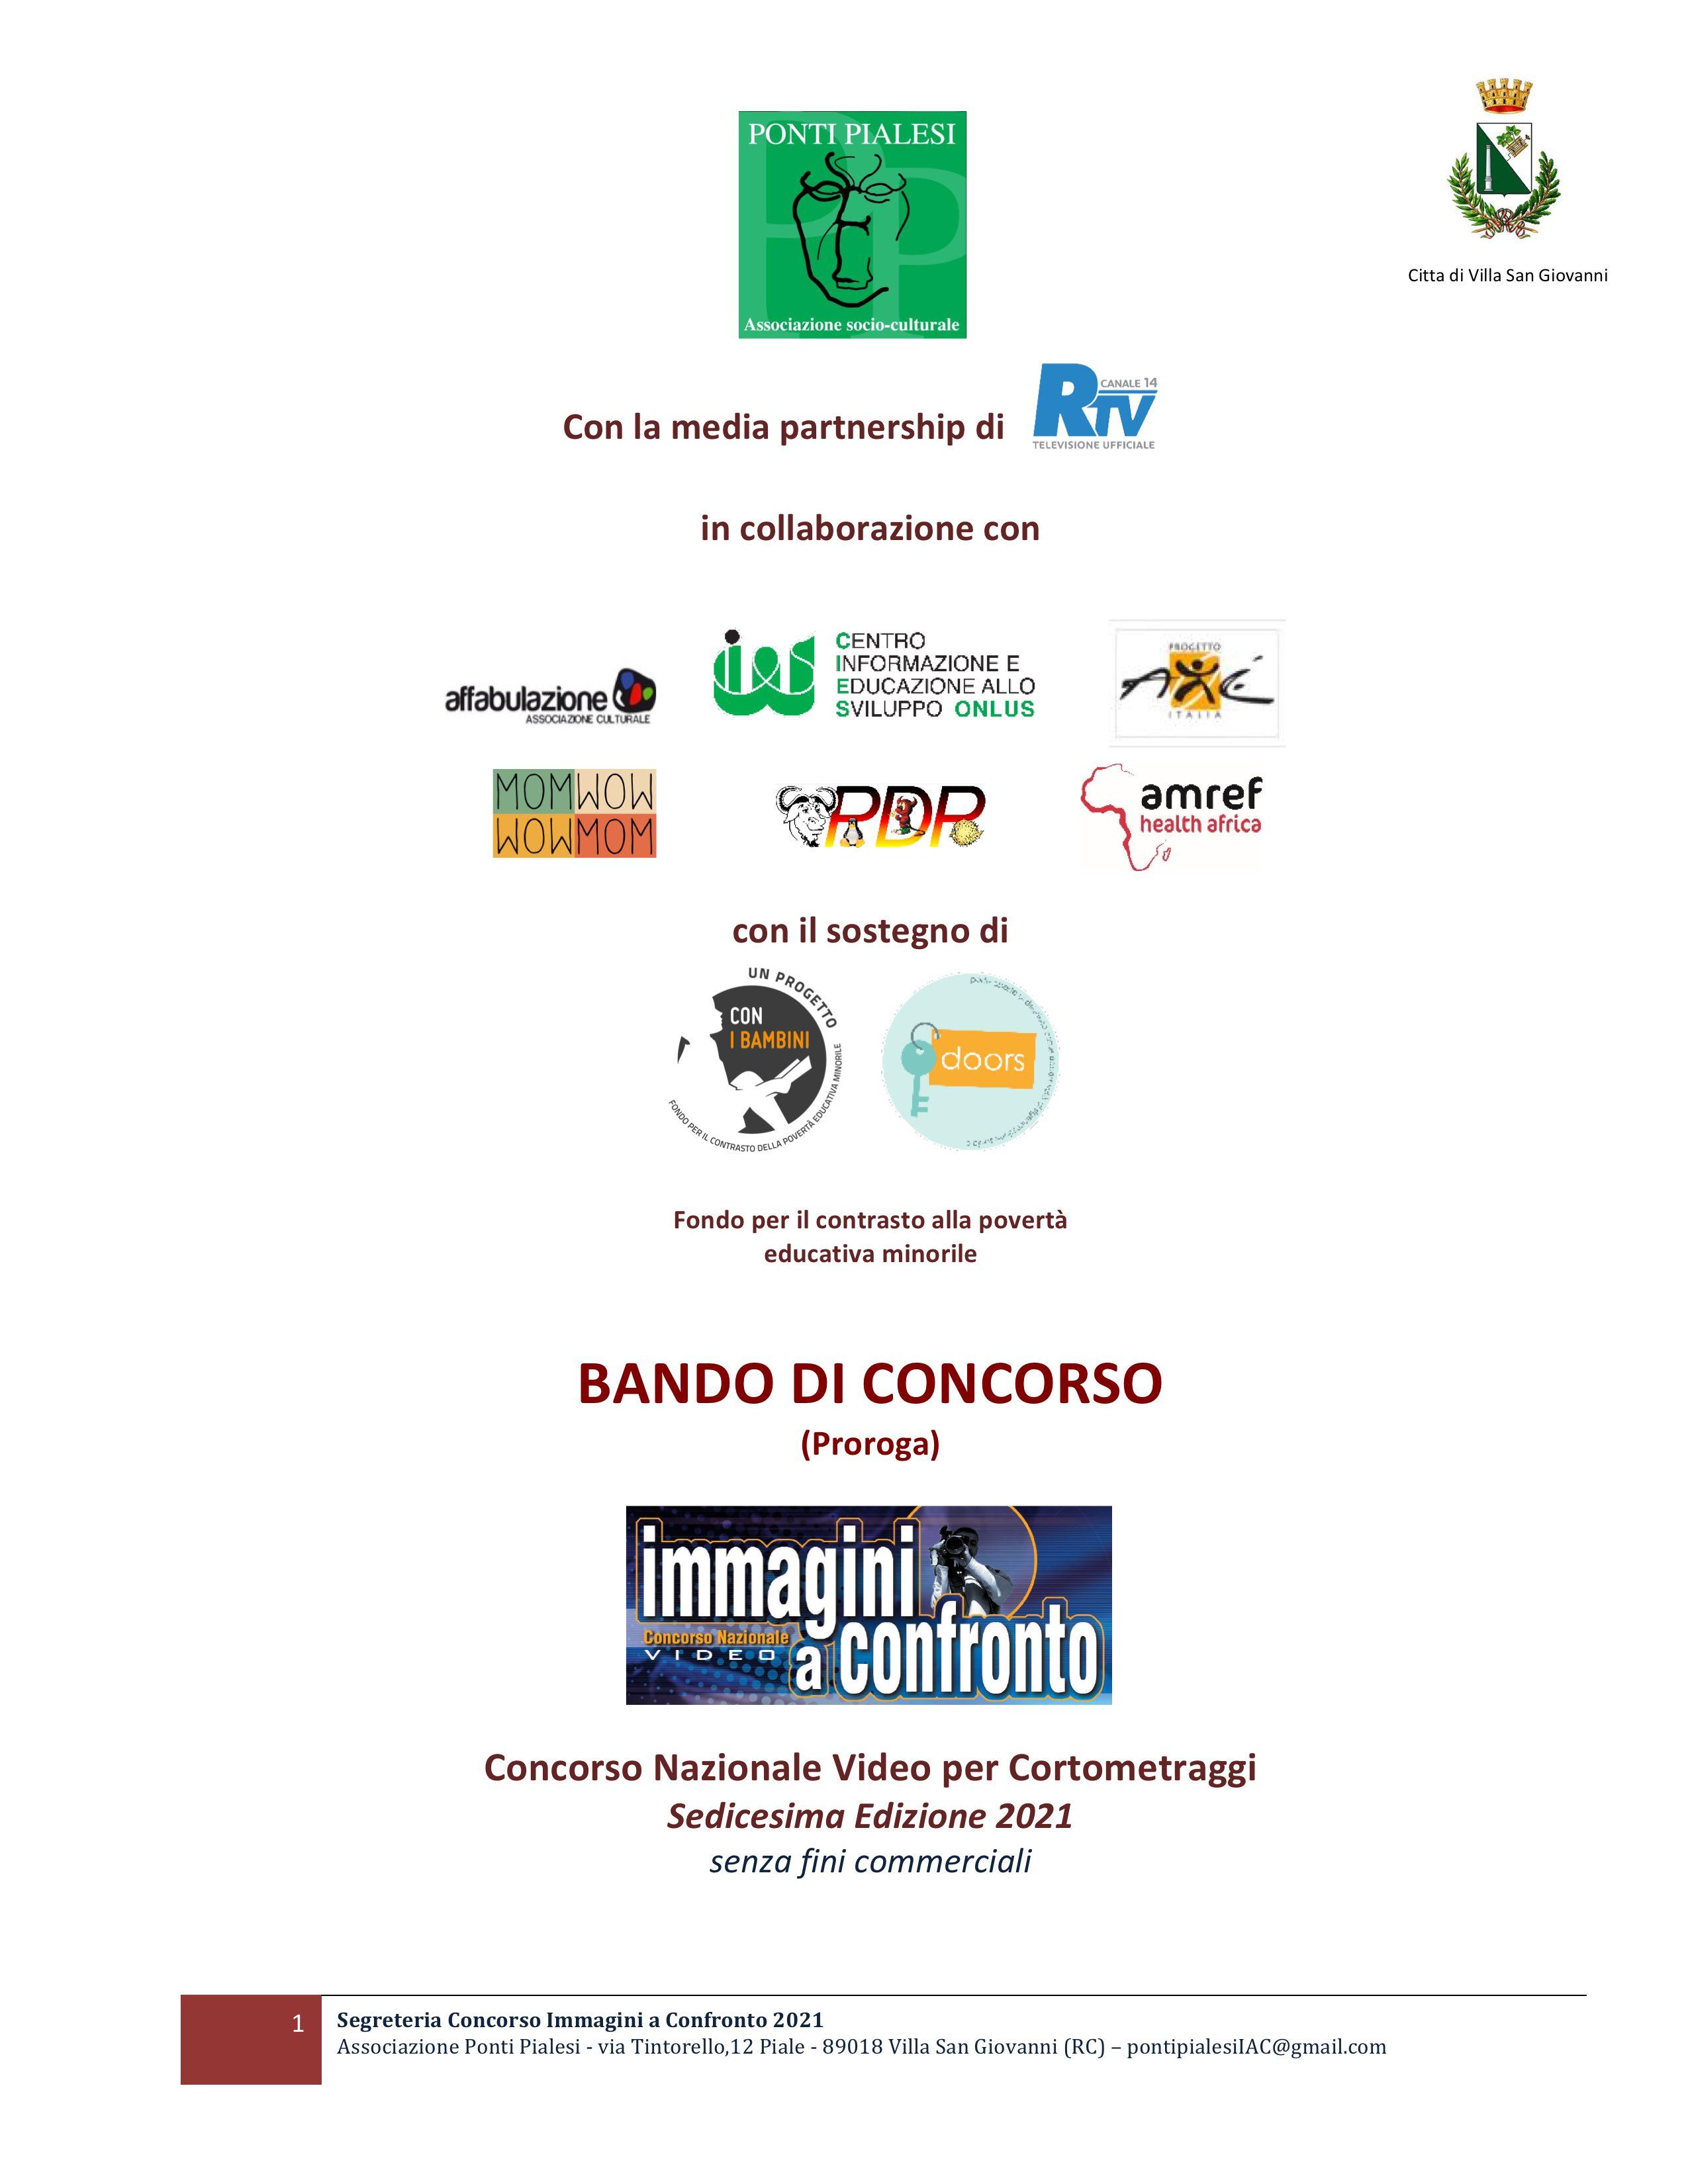 Ponti Pialesi - Bando di Concorso Cortometraggi (Proroga) Immagini a Confronto 2021